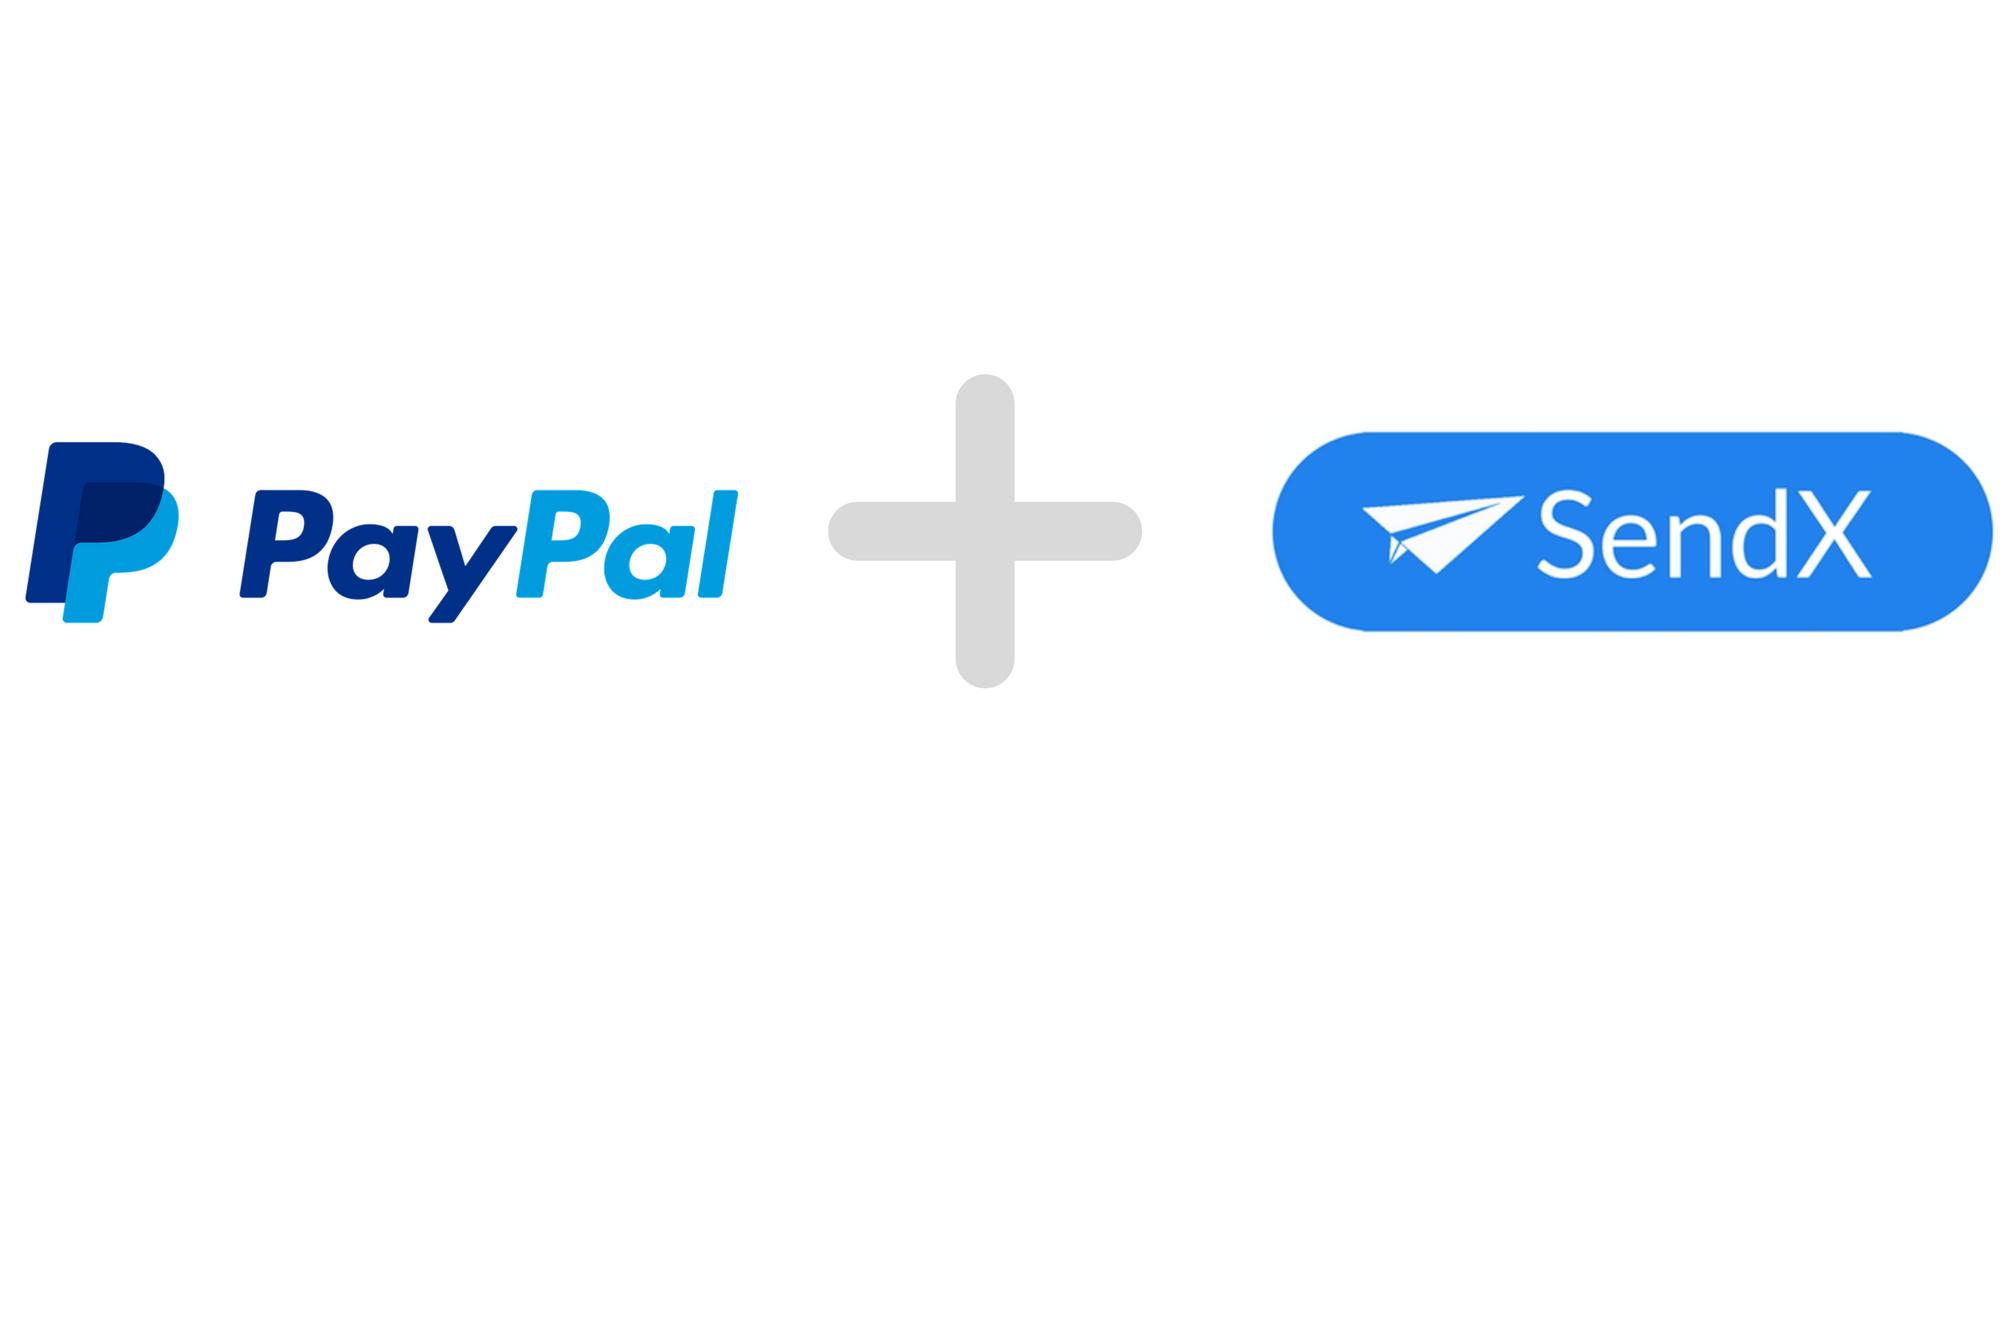 PayPal---SendX